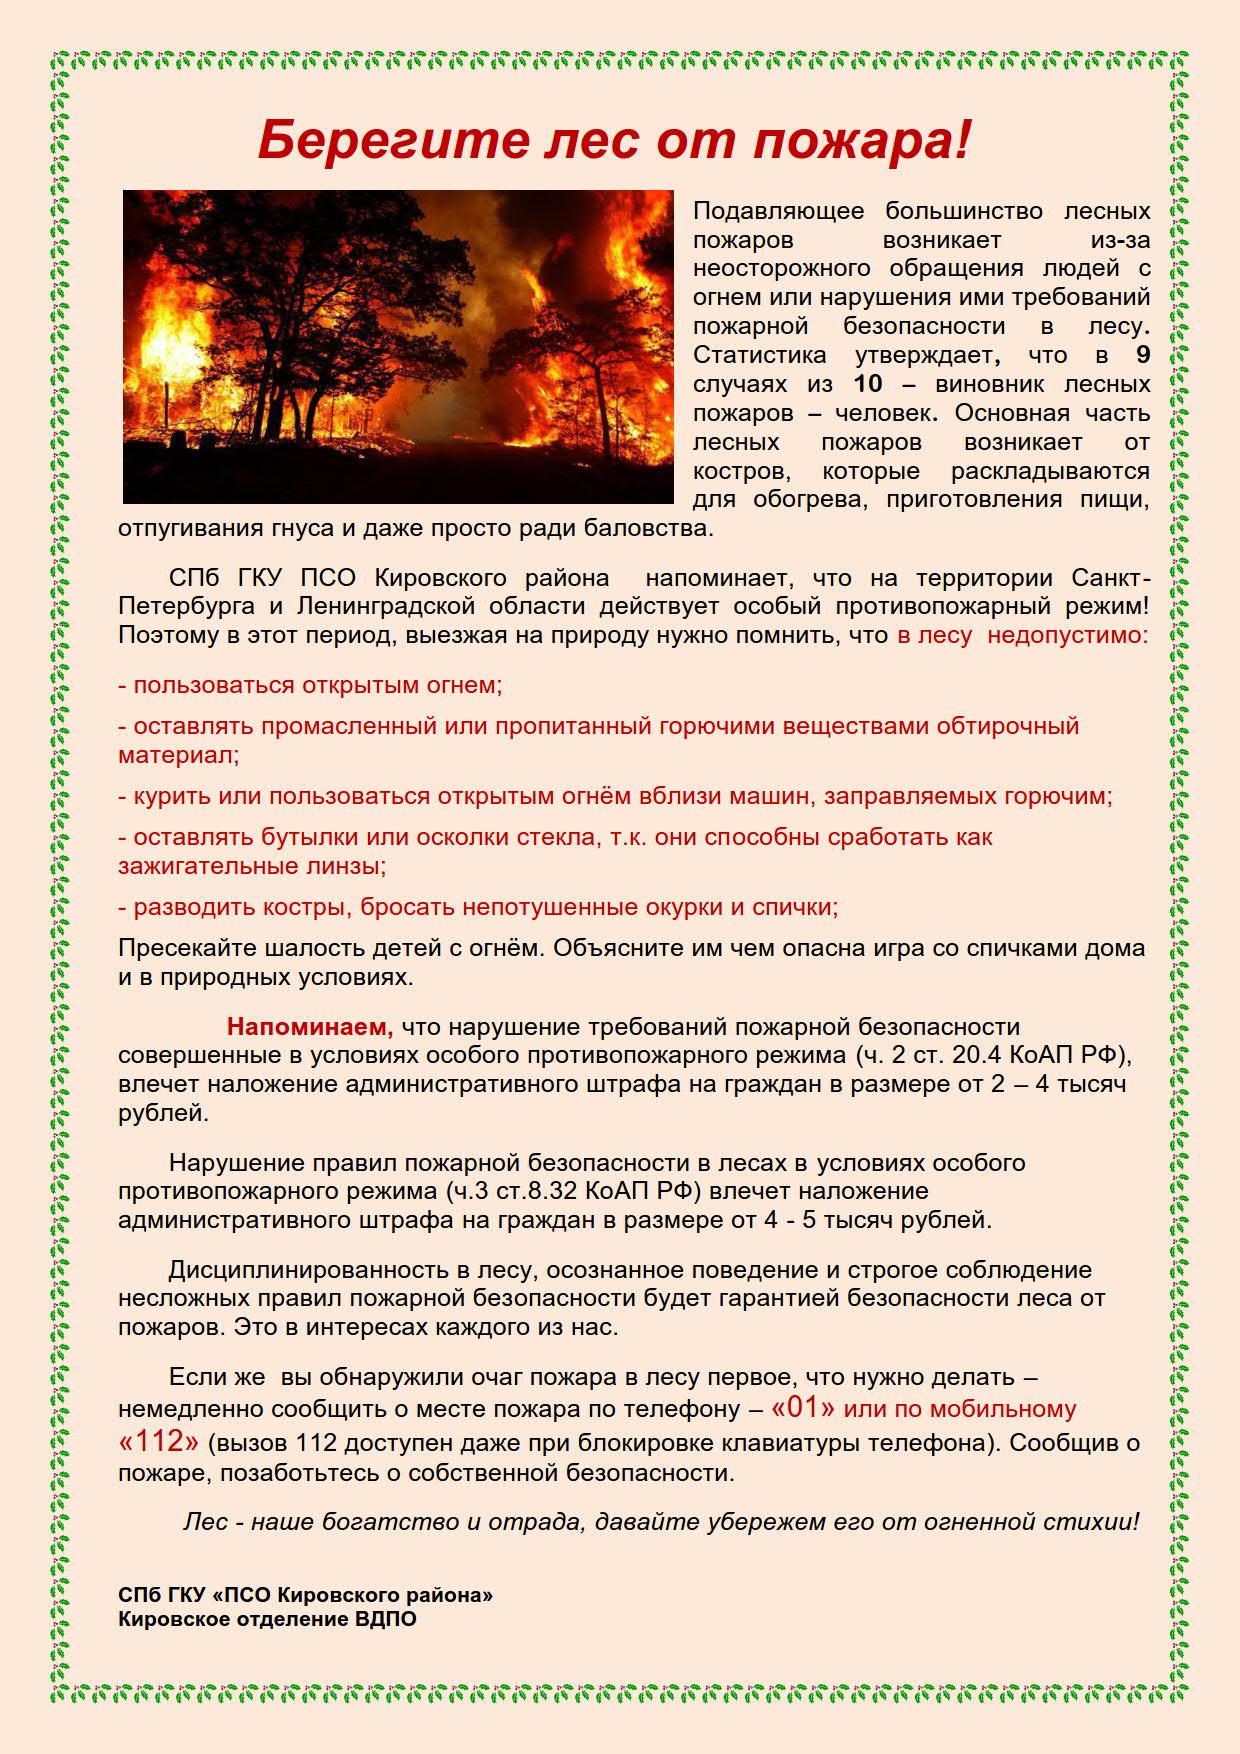 ПАМЯТКА - ЛЕС_1